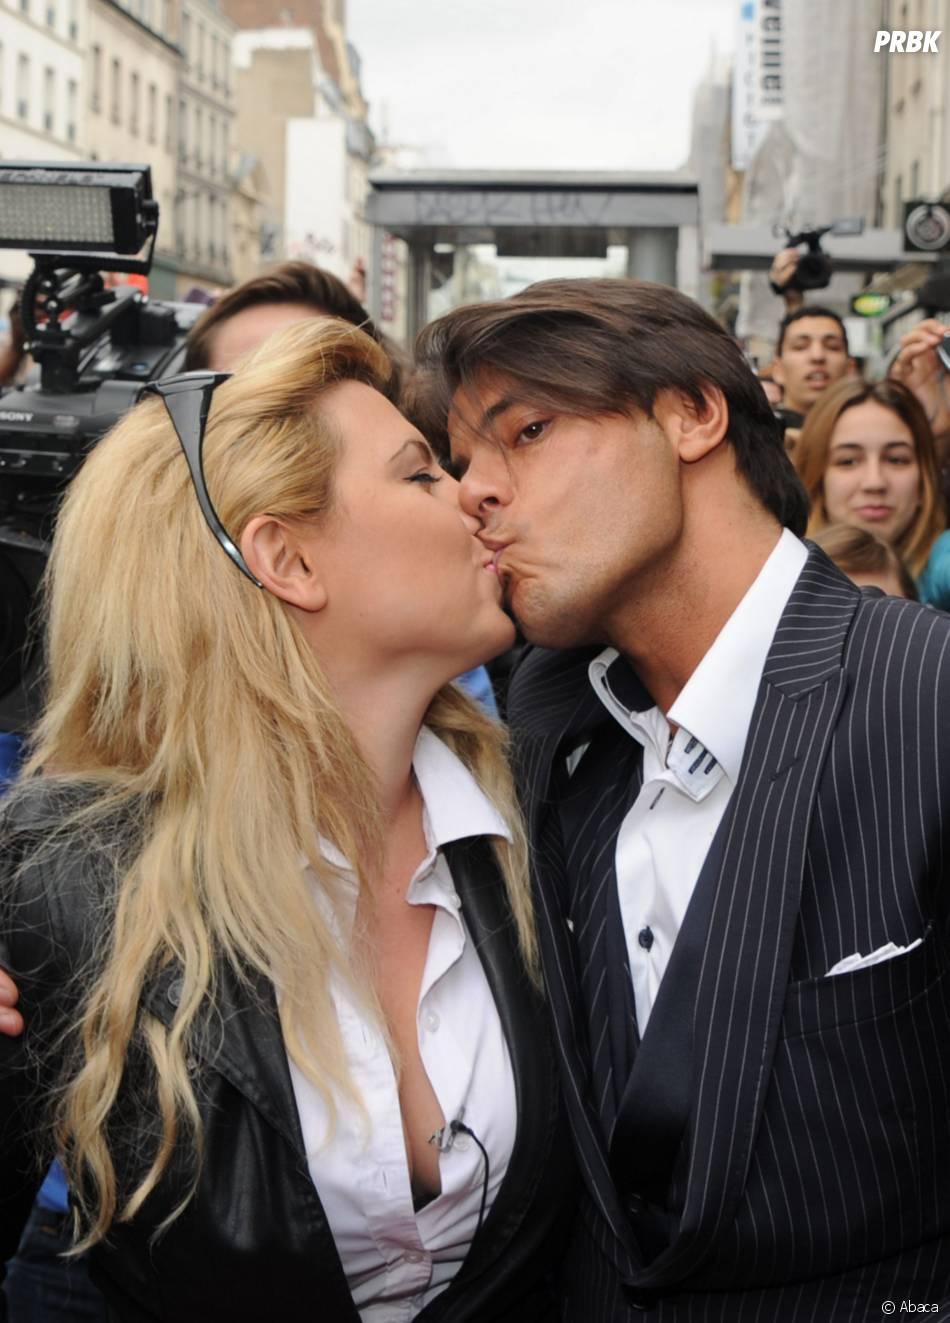 Giuseppe et Cindy Lopes en couple pendant Carré Viiip, le 30 mars 2011 à Paris